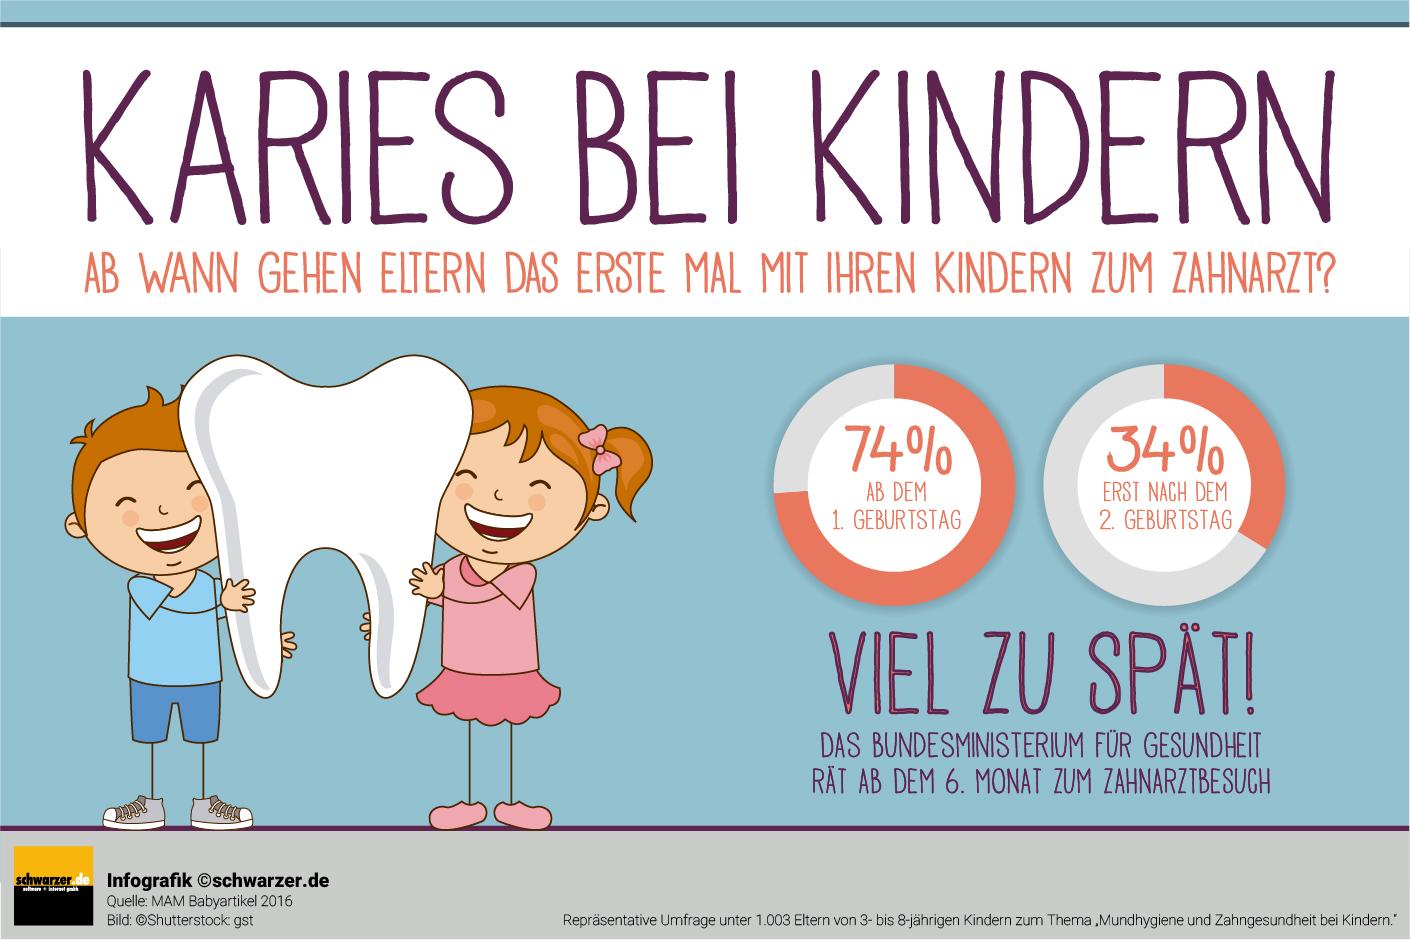 """Infografik: """"Karies bei Kindern"""" Ab wann gehen Eltern das erste Mal mit Ihren Kindern zum Zahnarzt?"""